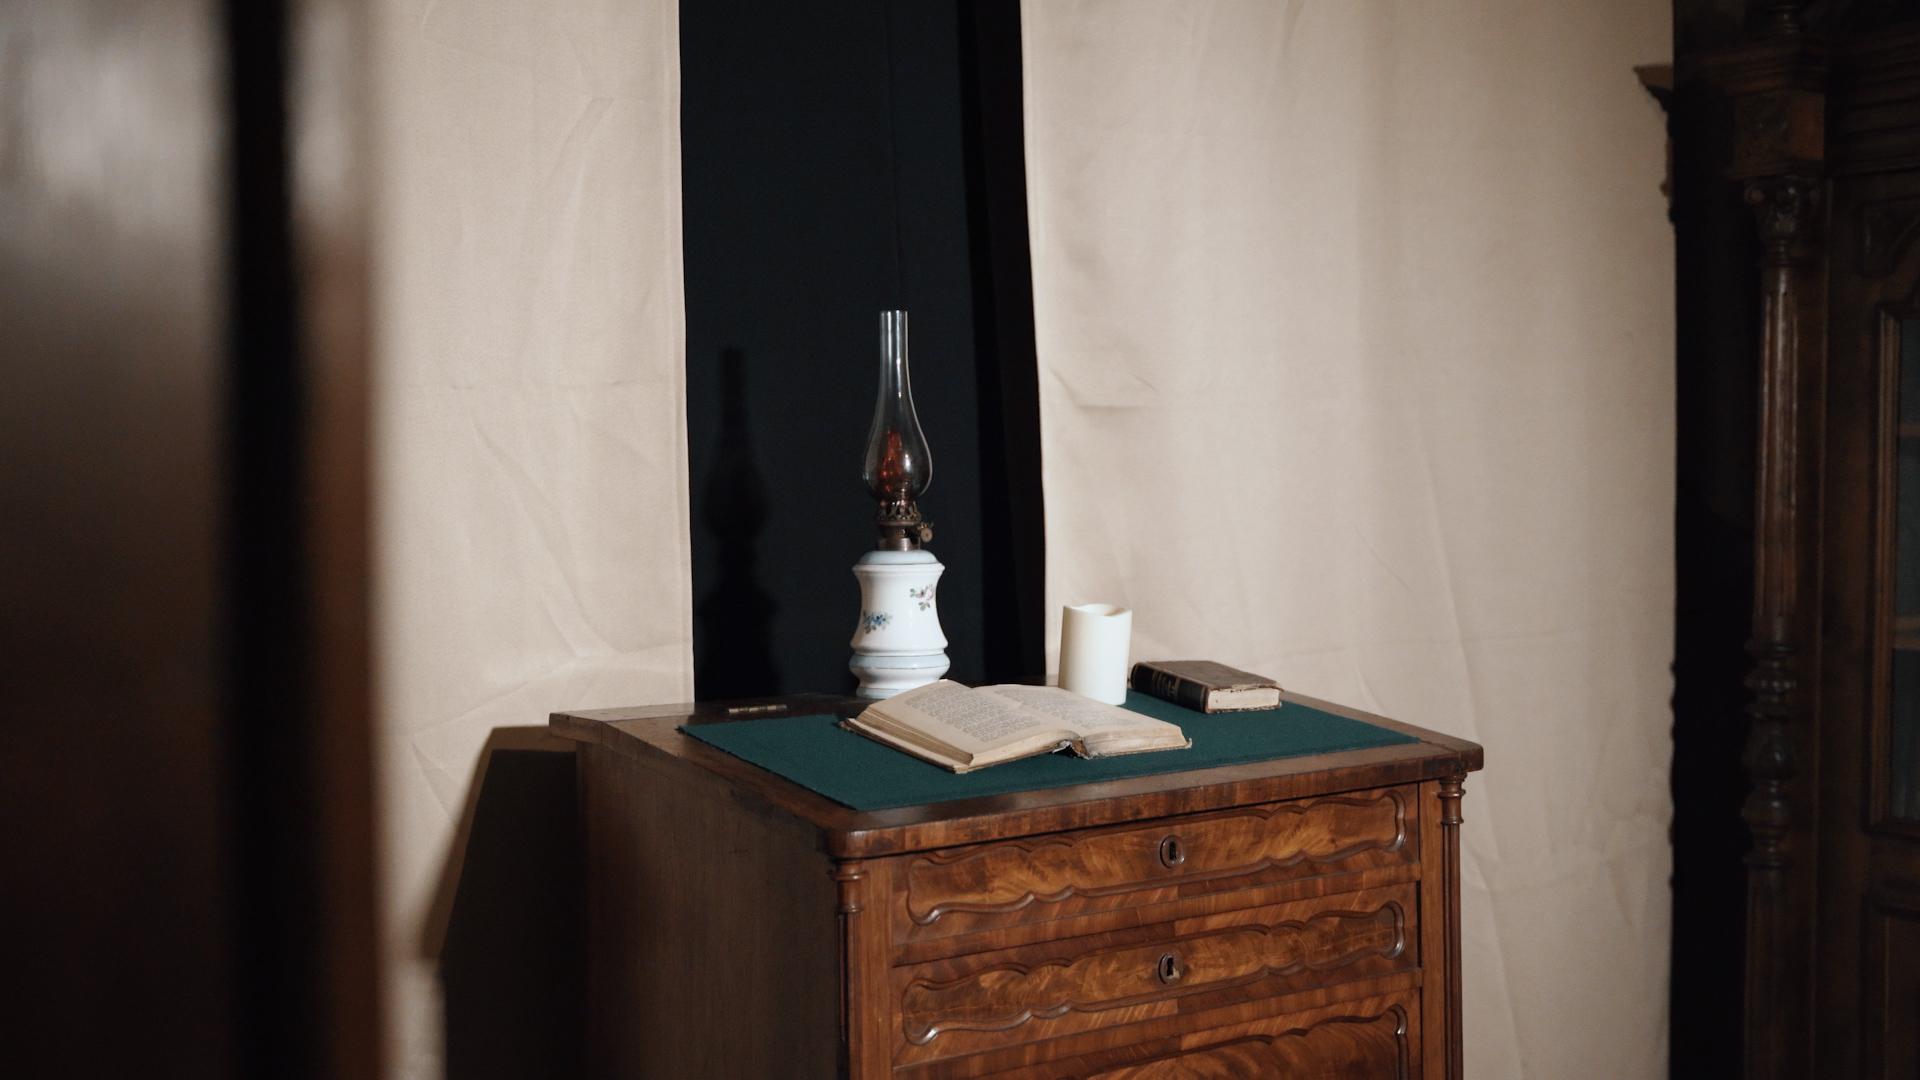 Žibalinė lempa su knyga.